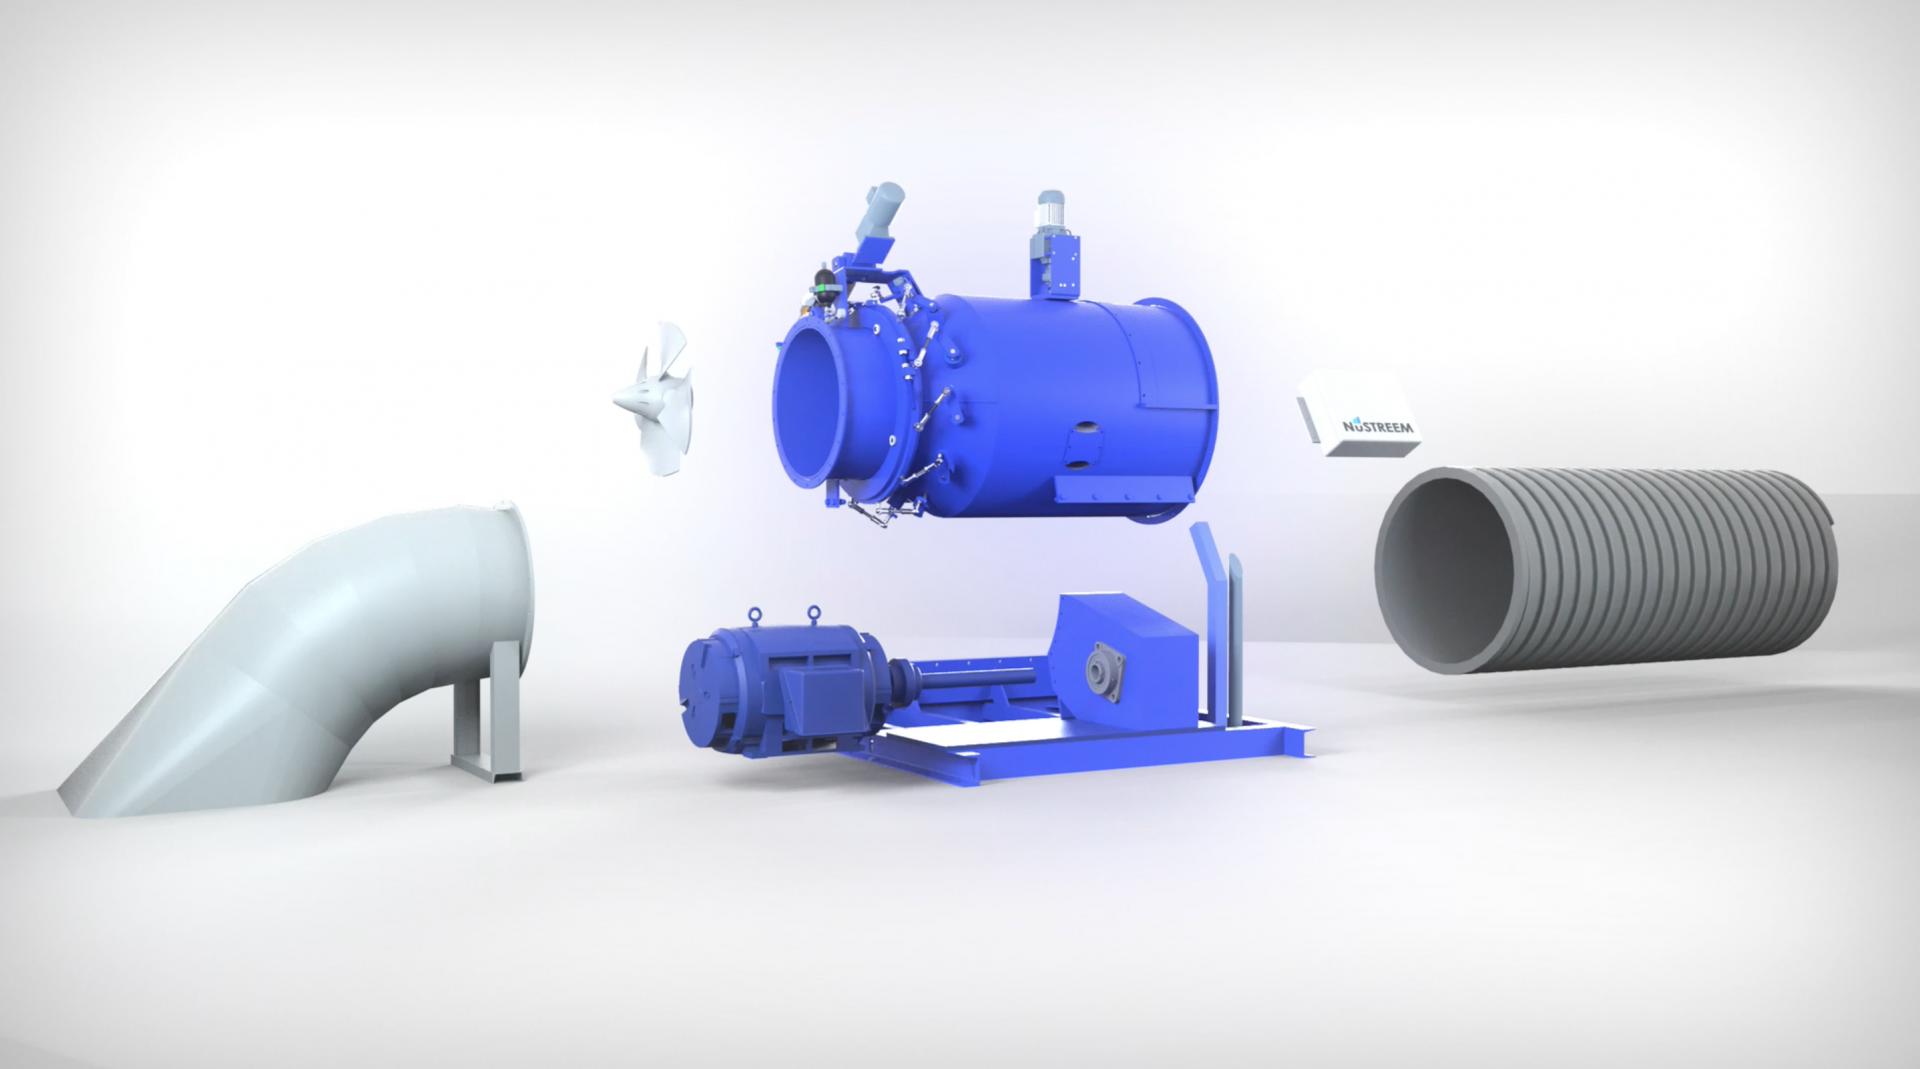 NuTURBINE Kaplan Turbine